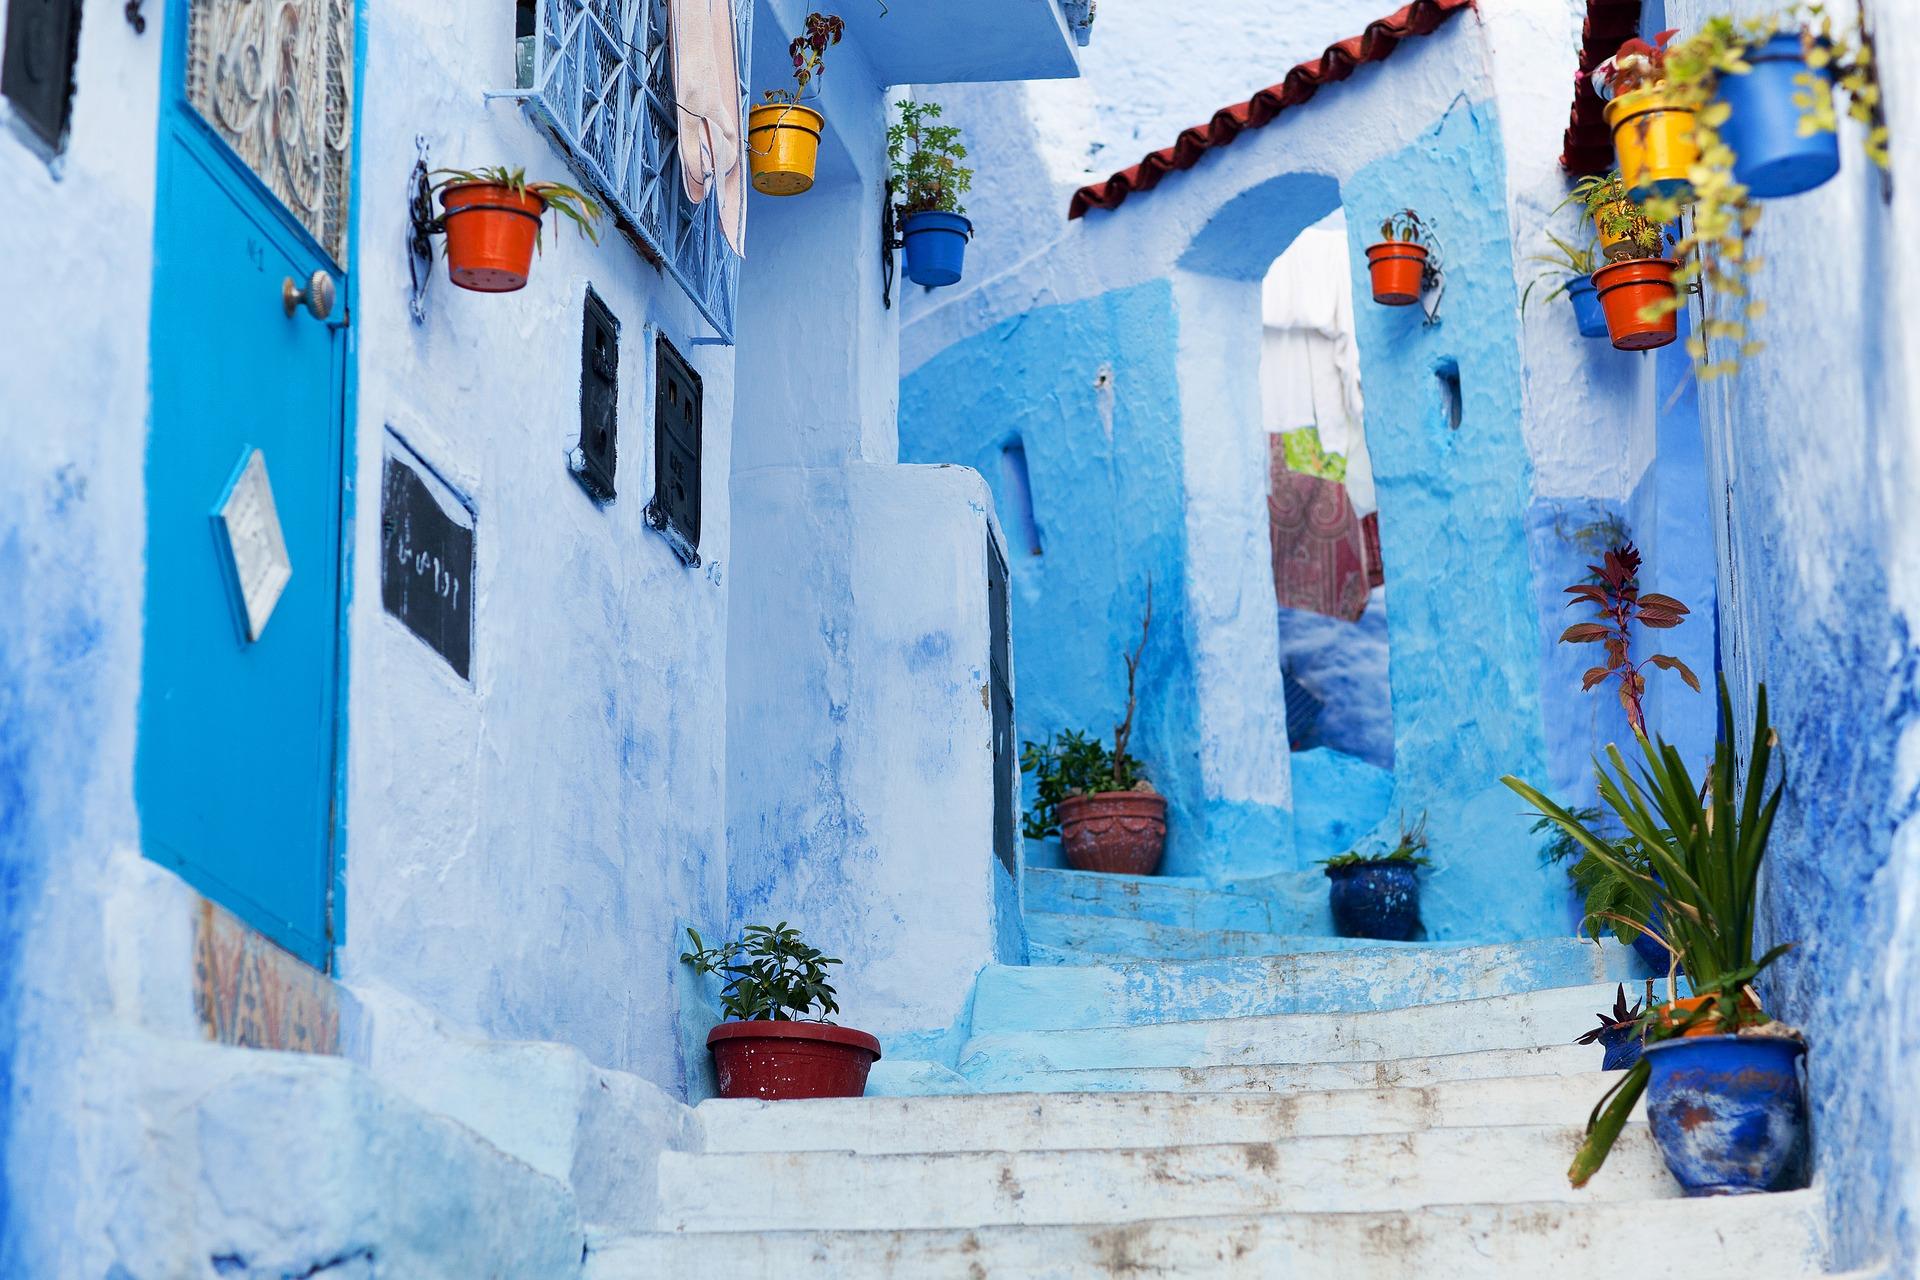 Geheimtipp: Chefchaouen → die magische blaue Stadt in Marokko